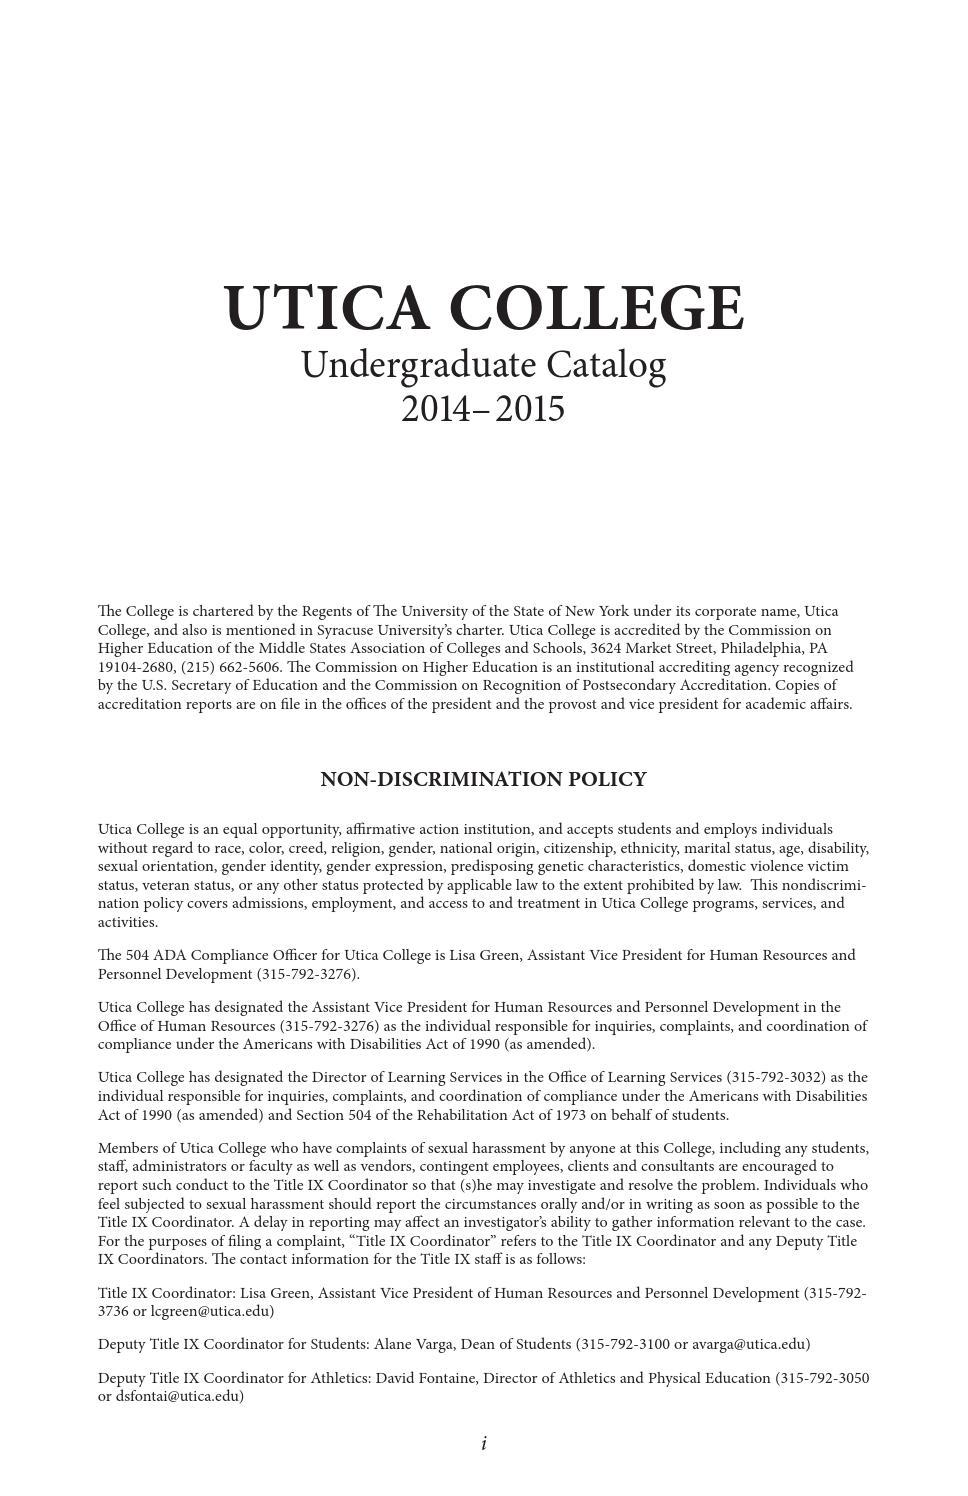 Utica College Undergraduate Catalog 2014-15 by Utica College - issuu